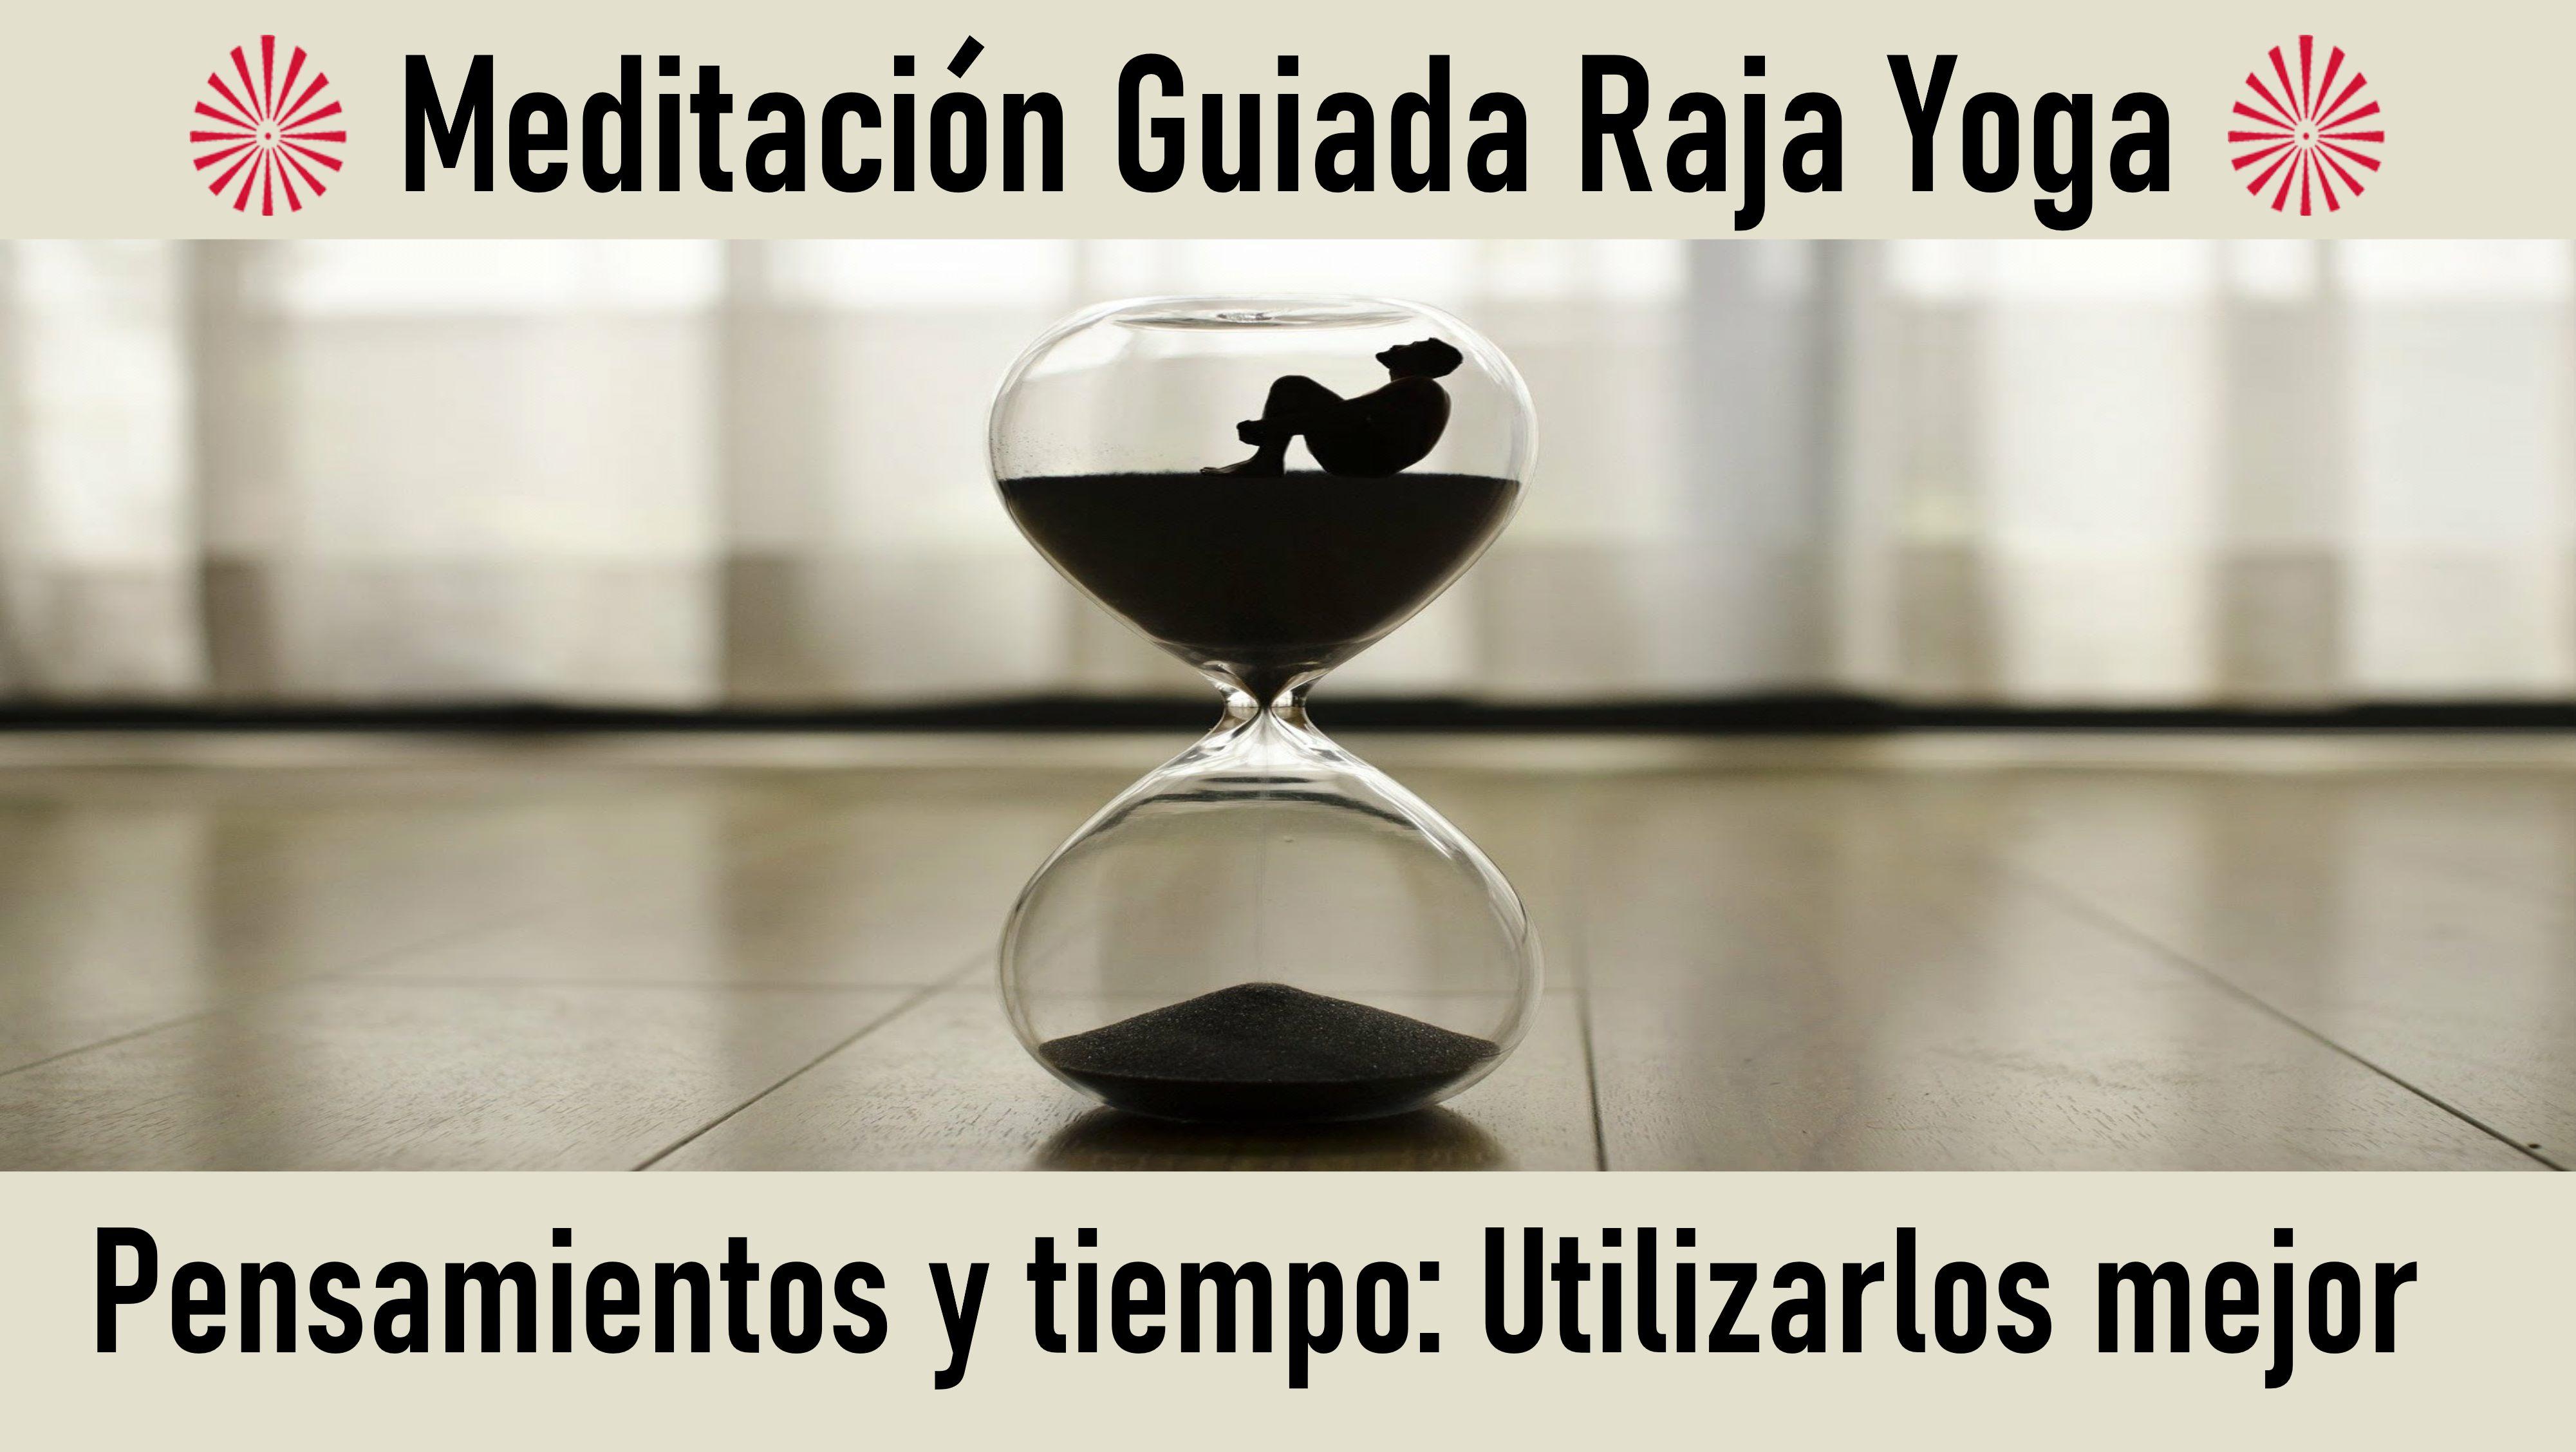 22 Julio 2020  Meditación Guiada: Pensamientos y tiempo. Utilizarlos mejor